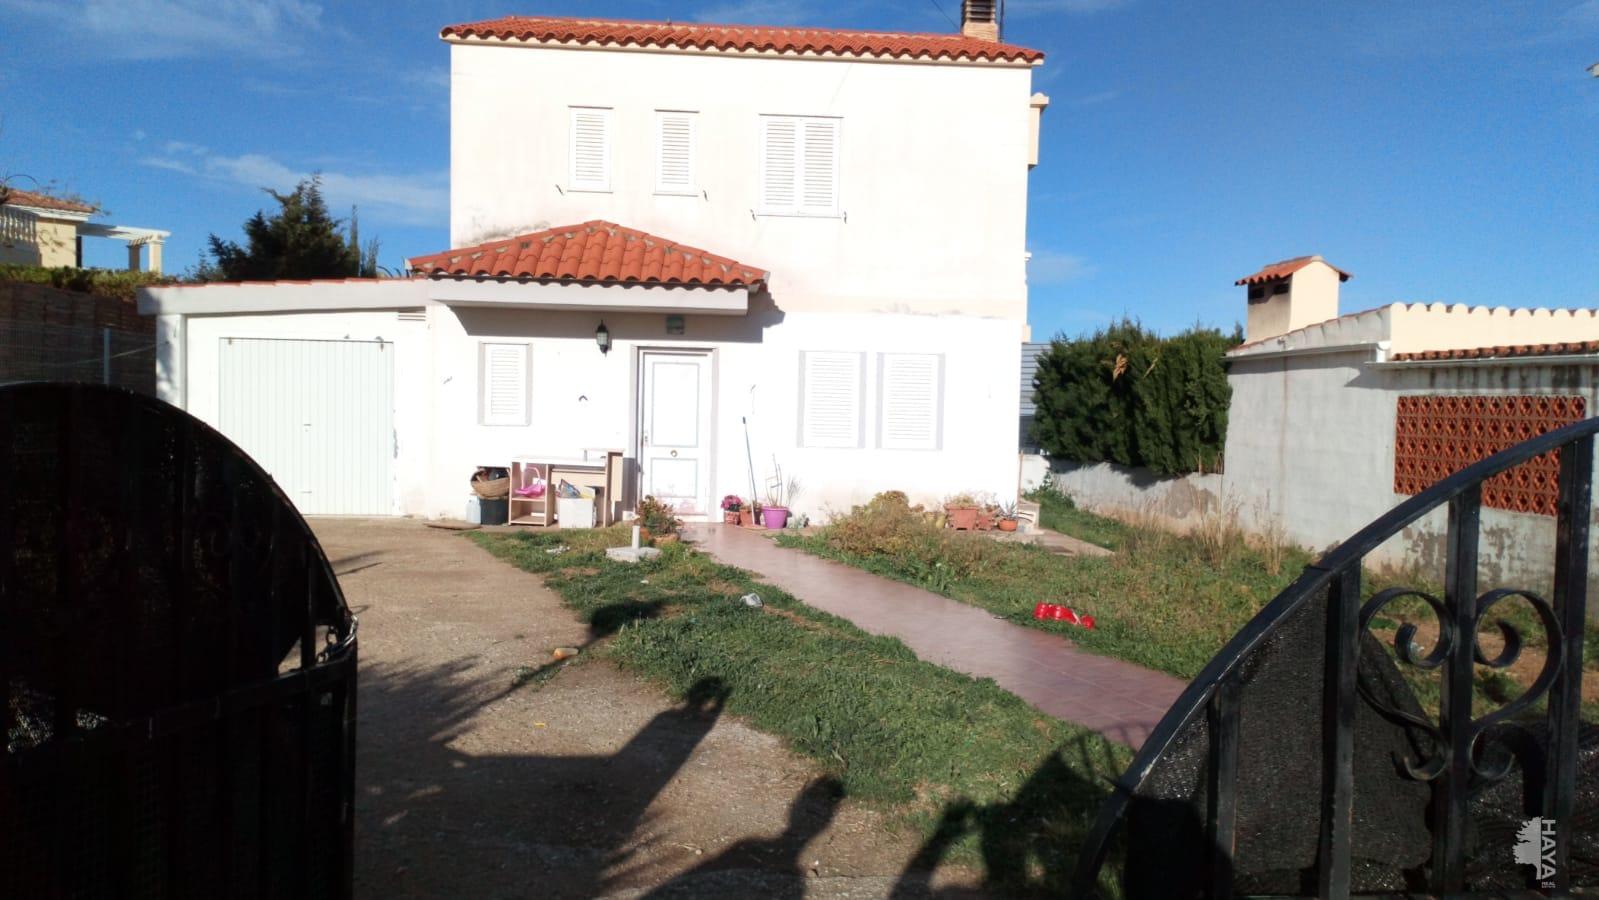 Casa en venta en Urbanización Roquetes Ii, Peñíscola, Castellón, Calle Ptda. Roquetes, 125.133 €, 3 habitaciones, 1 baño, 141 m2